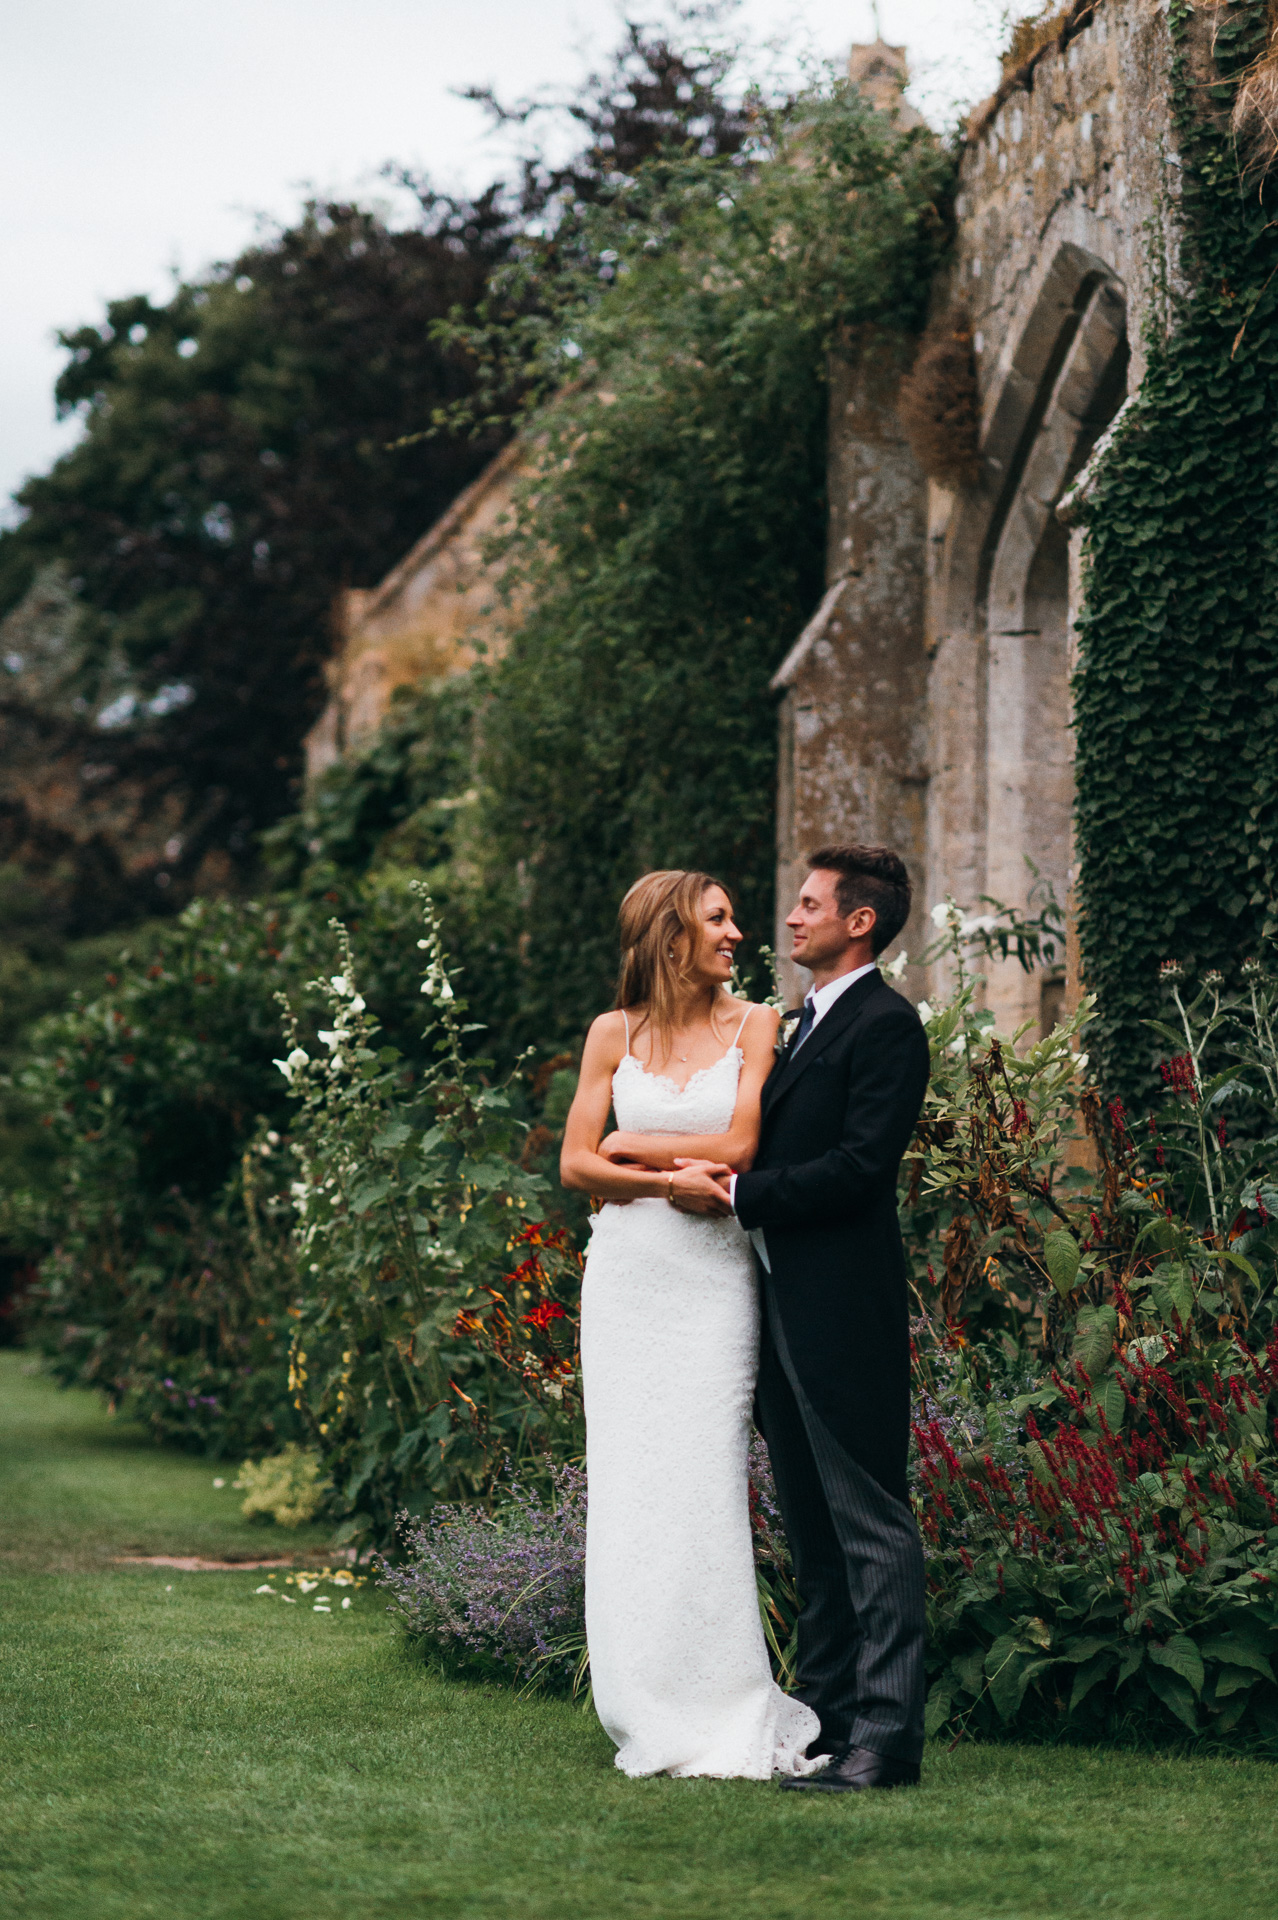 Newlyweds at Sudeley castle wedding